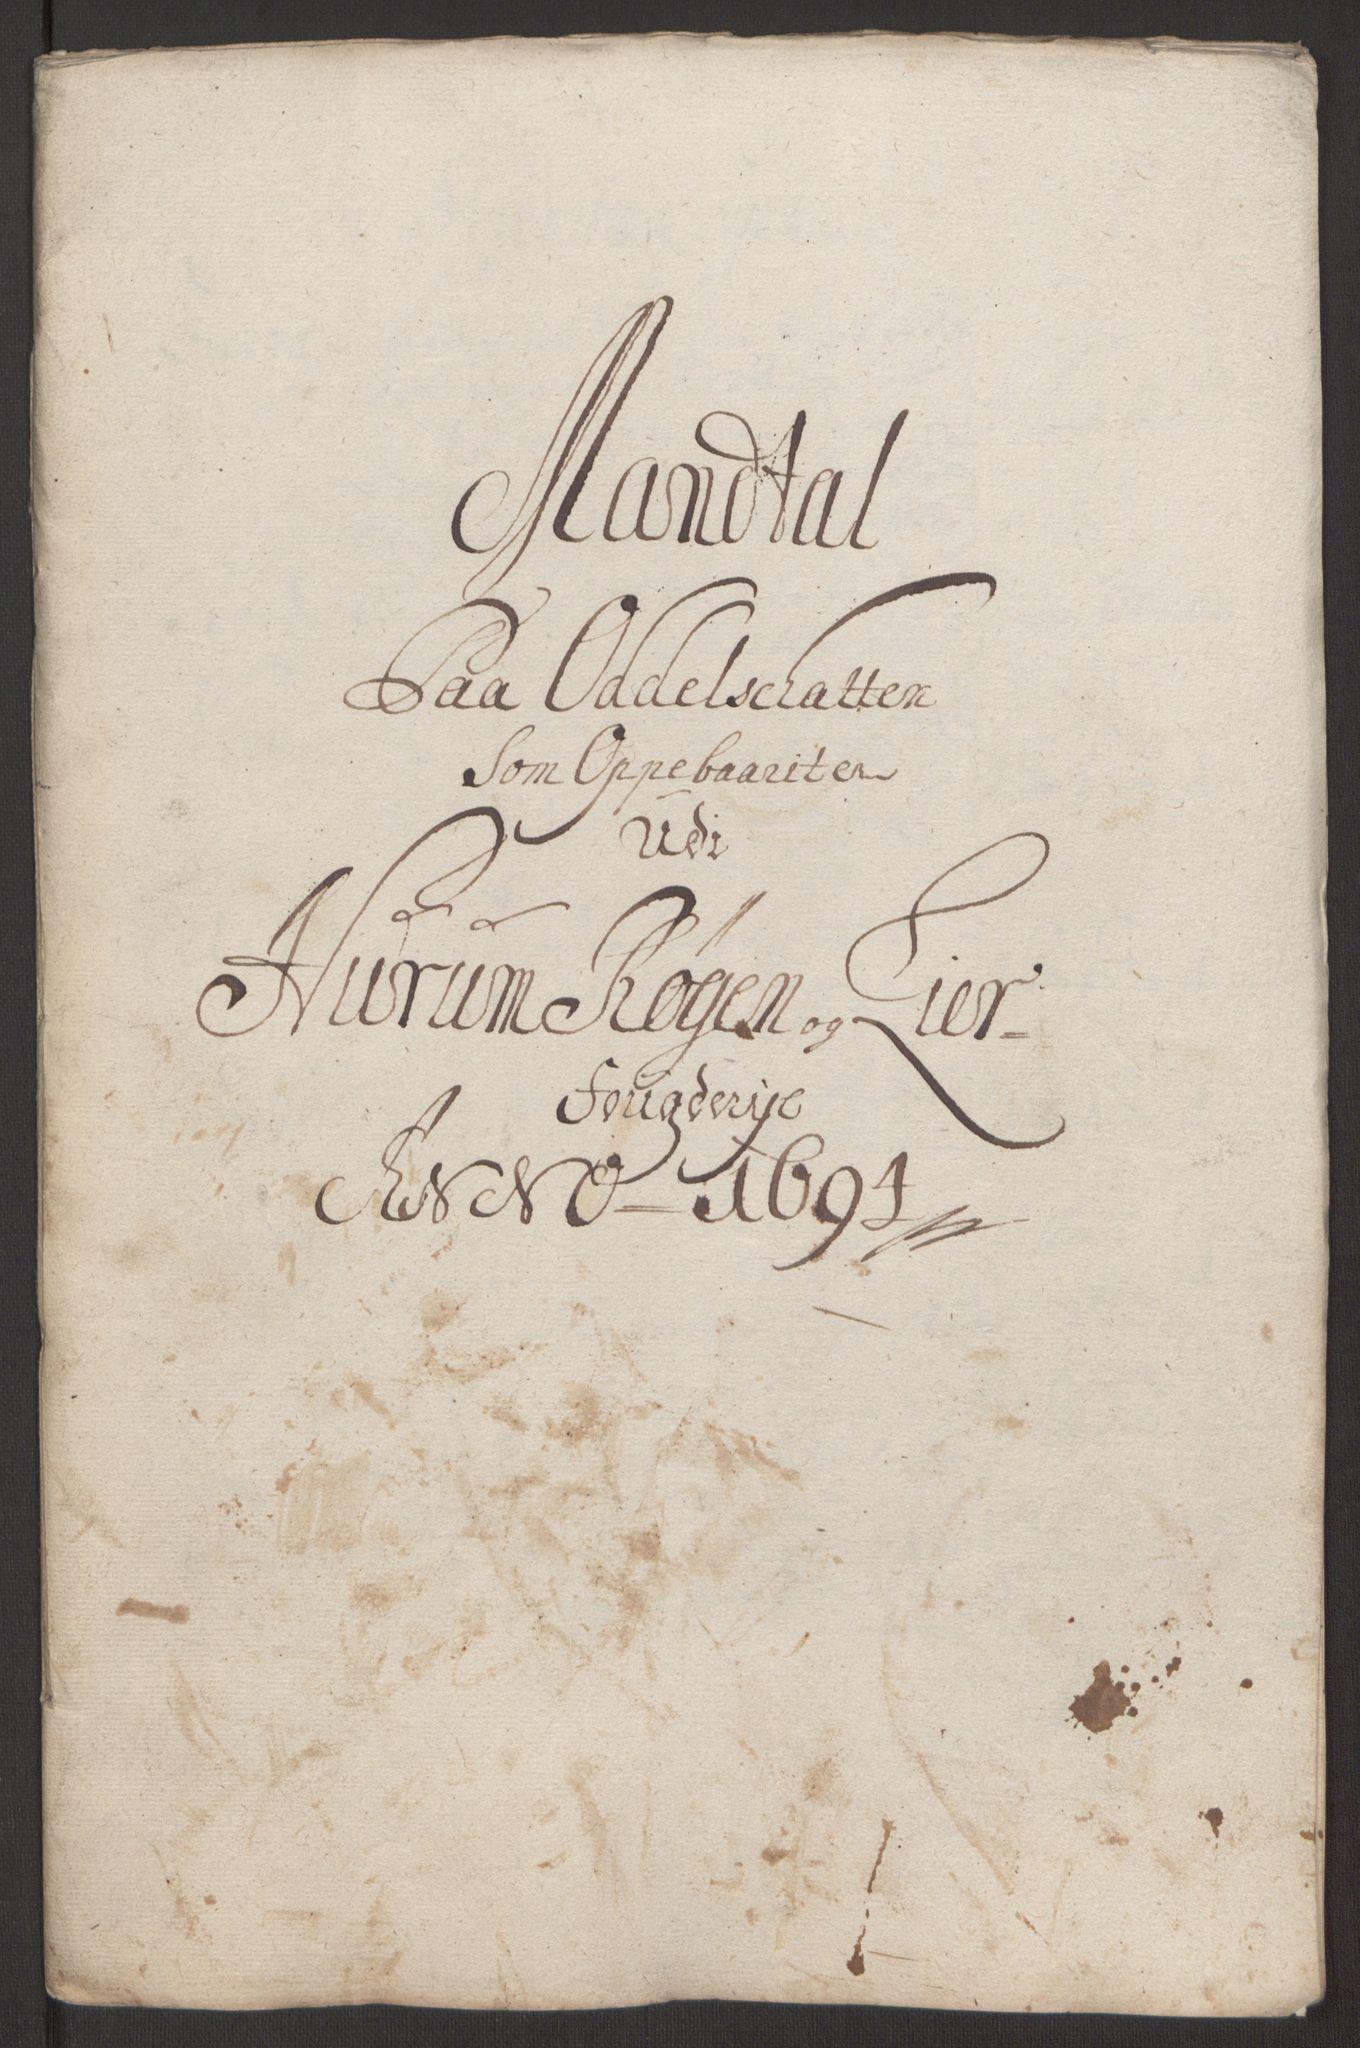 RA, Rentekammeret inntil 1814, Reviderte regnskaper, Fogderegnskap, R30/L1694: Fogderegnskap Hurum, Røyken, Eiker og Lier, 1694-1696, s. 106